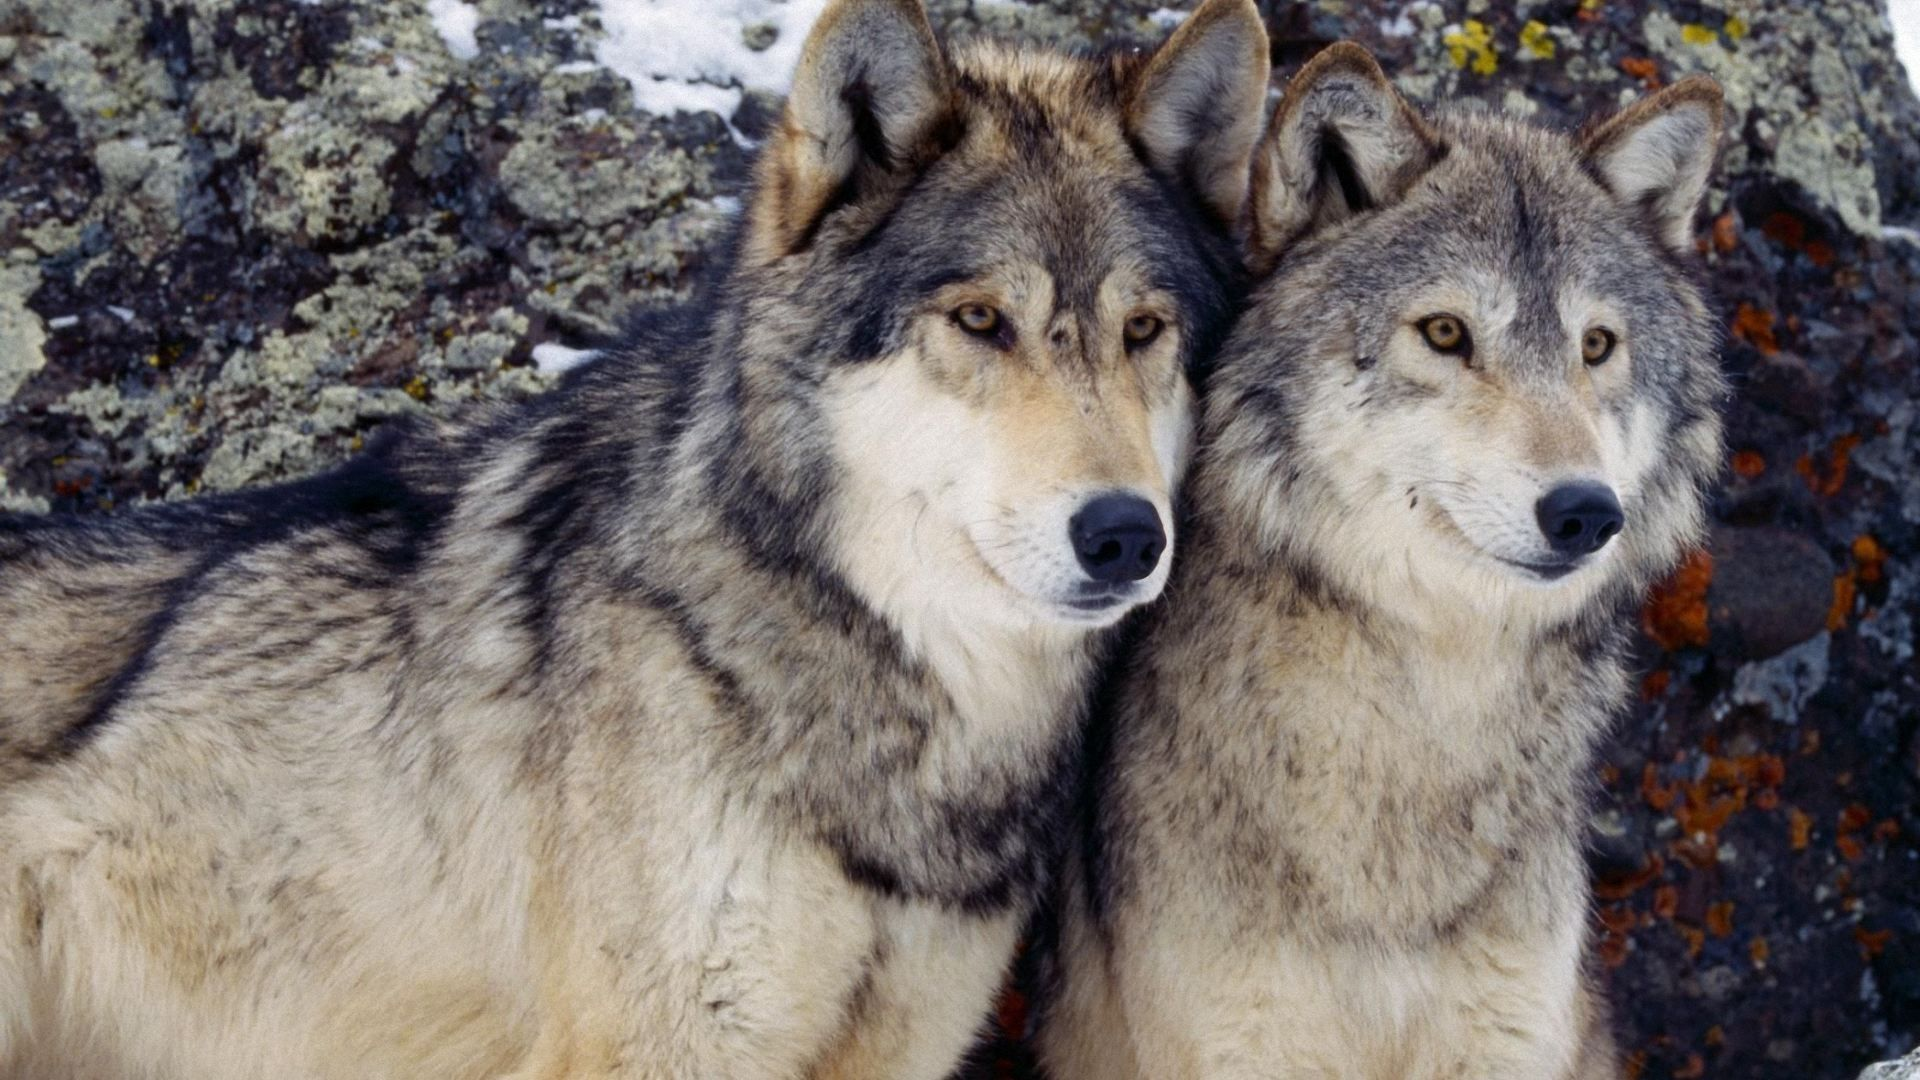 Hình nền chó sói 1920x1080 1920x1080.  Chó sói.  chó sói